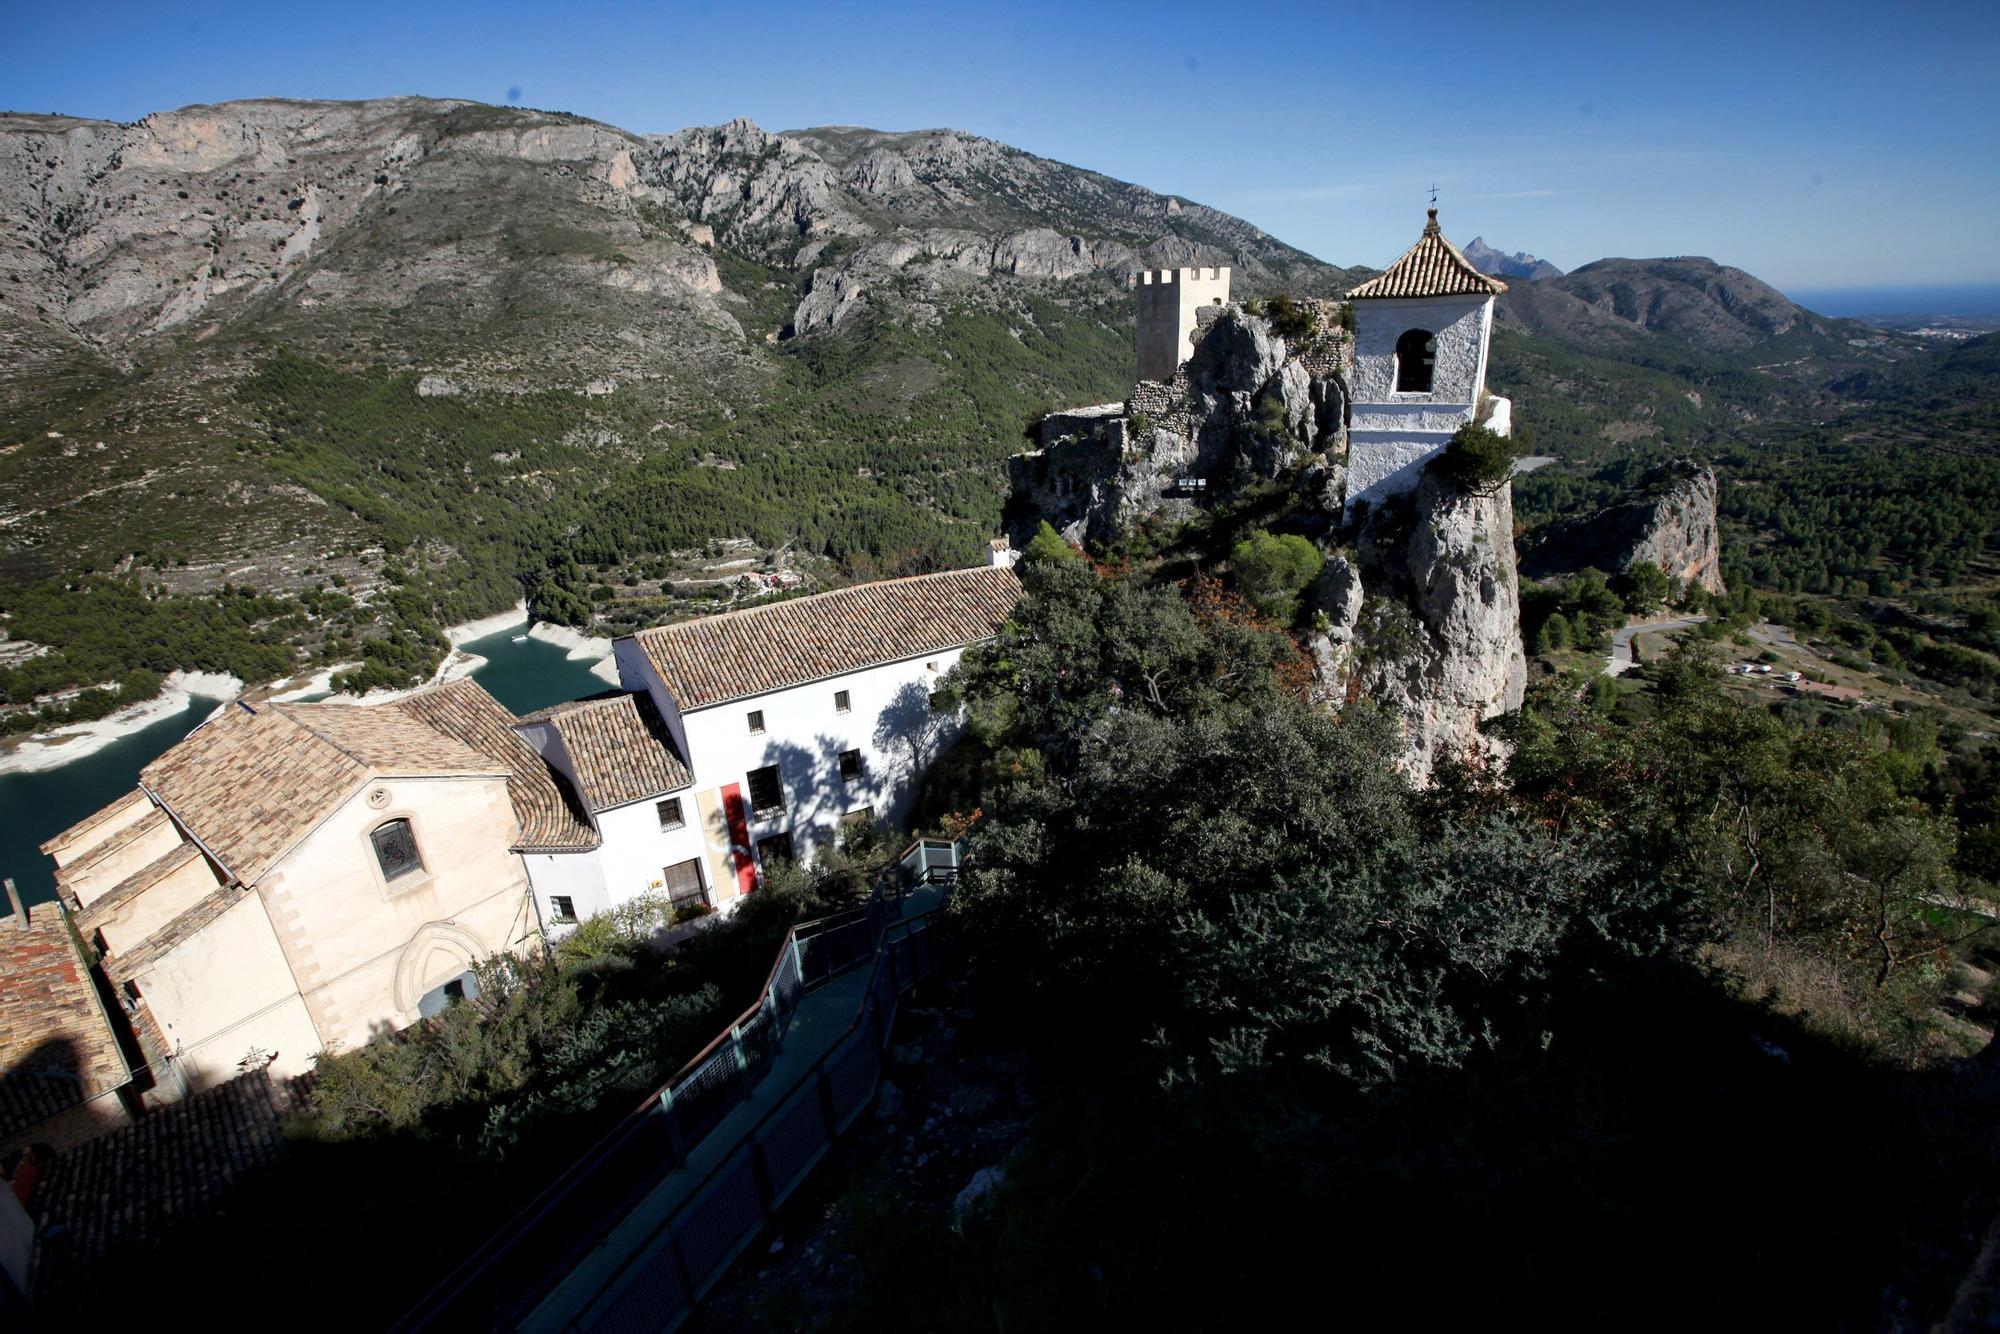 Guadalest es un destino perfecto para realizar una excursión de un día desde Alicante o Benidorm. Está declarado Conjunto Histórico-Artístico desde 1974 y forma parte de la Asociación Los pueblos más bonitos de España.